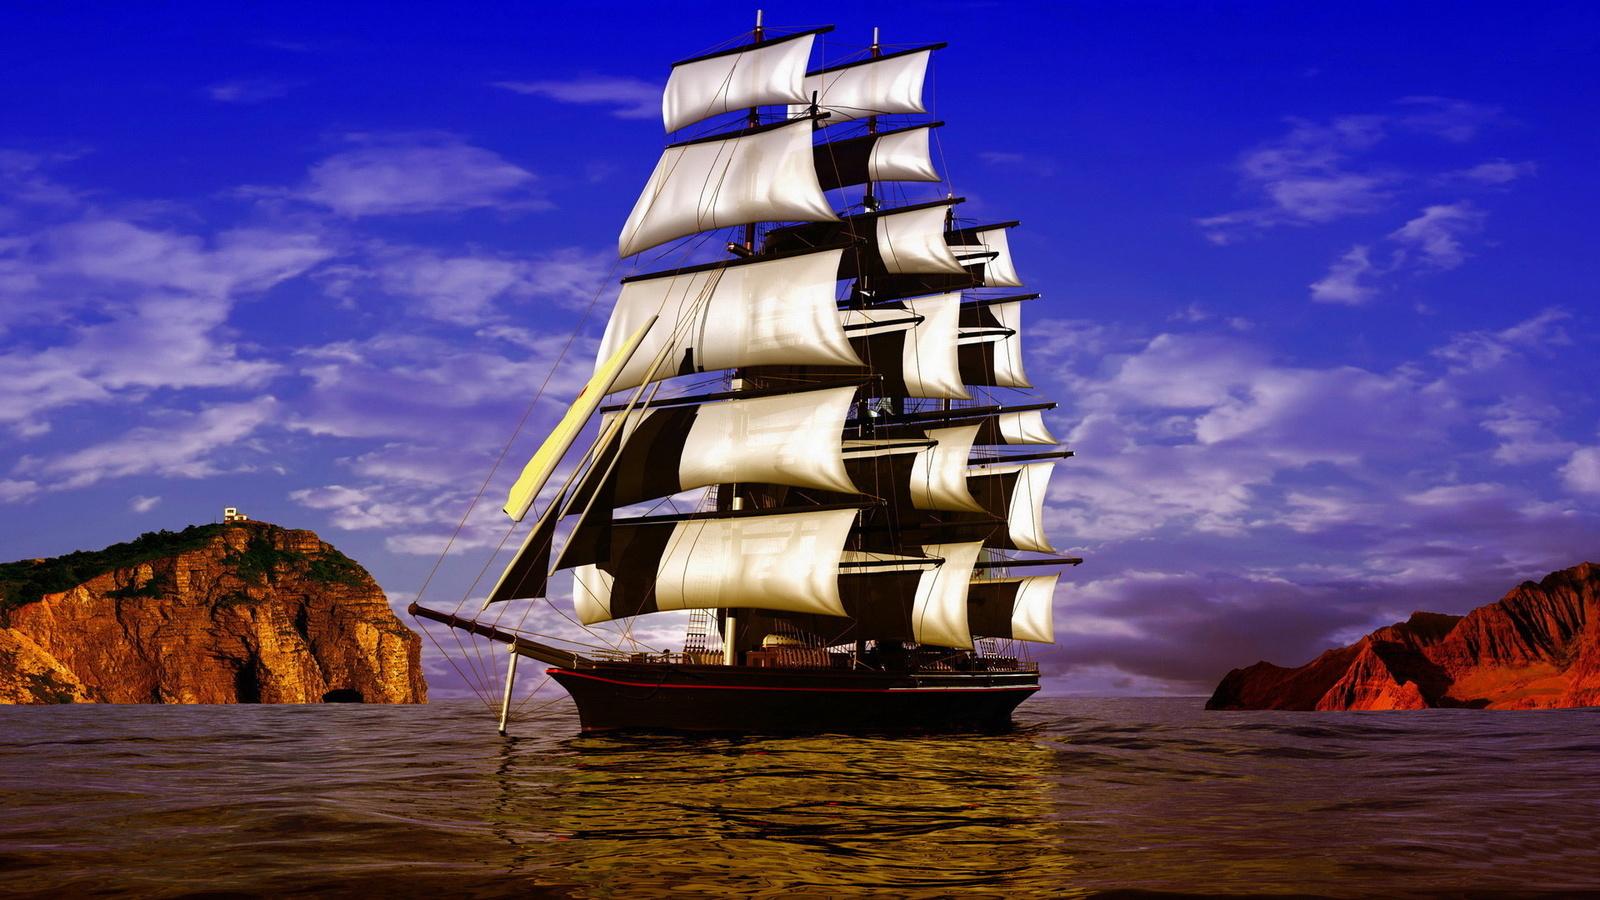 корабль, фрегат, океан, паруса, вода, небо, скалы, облака, корабель,